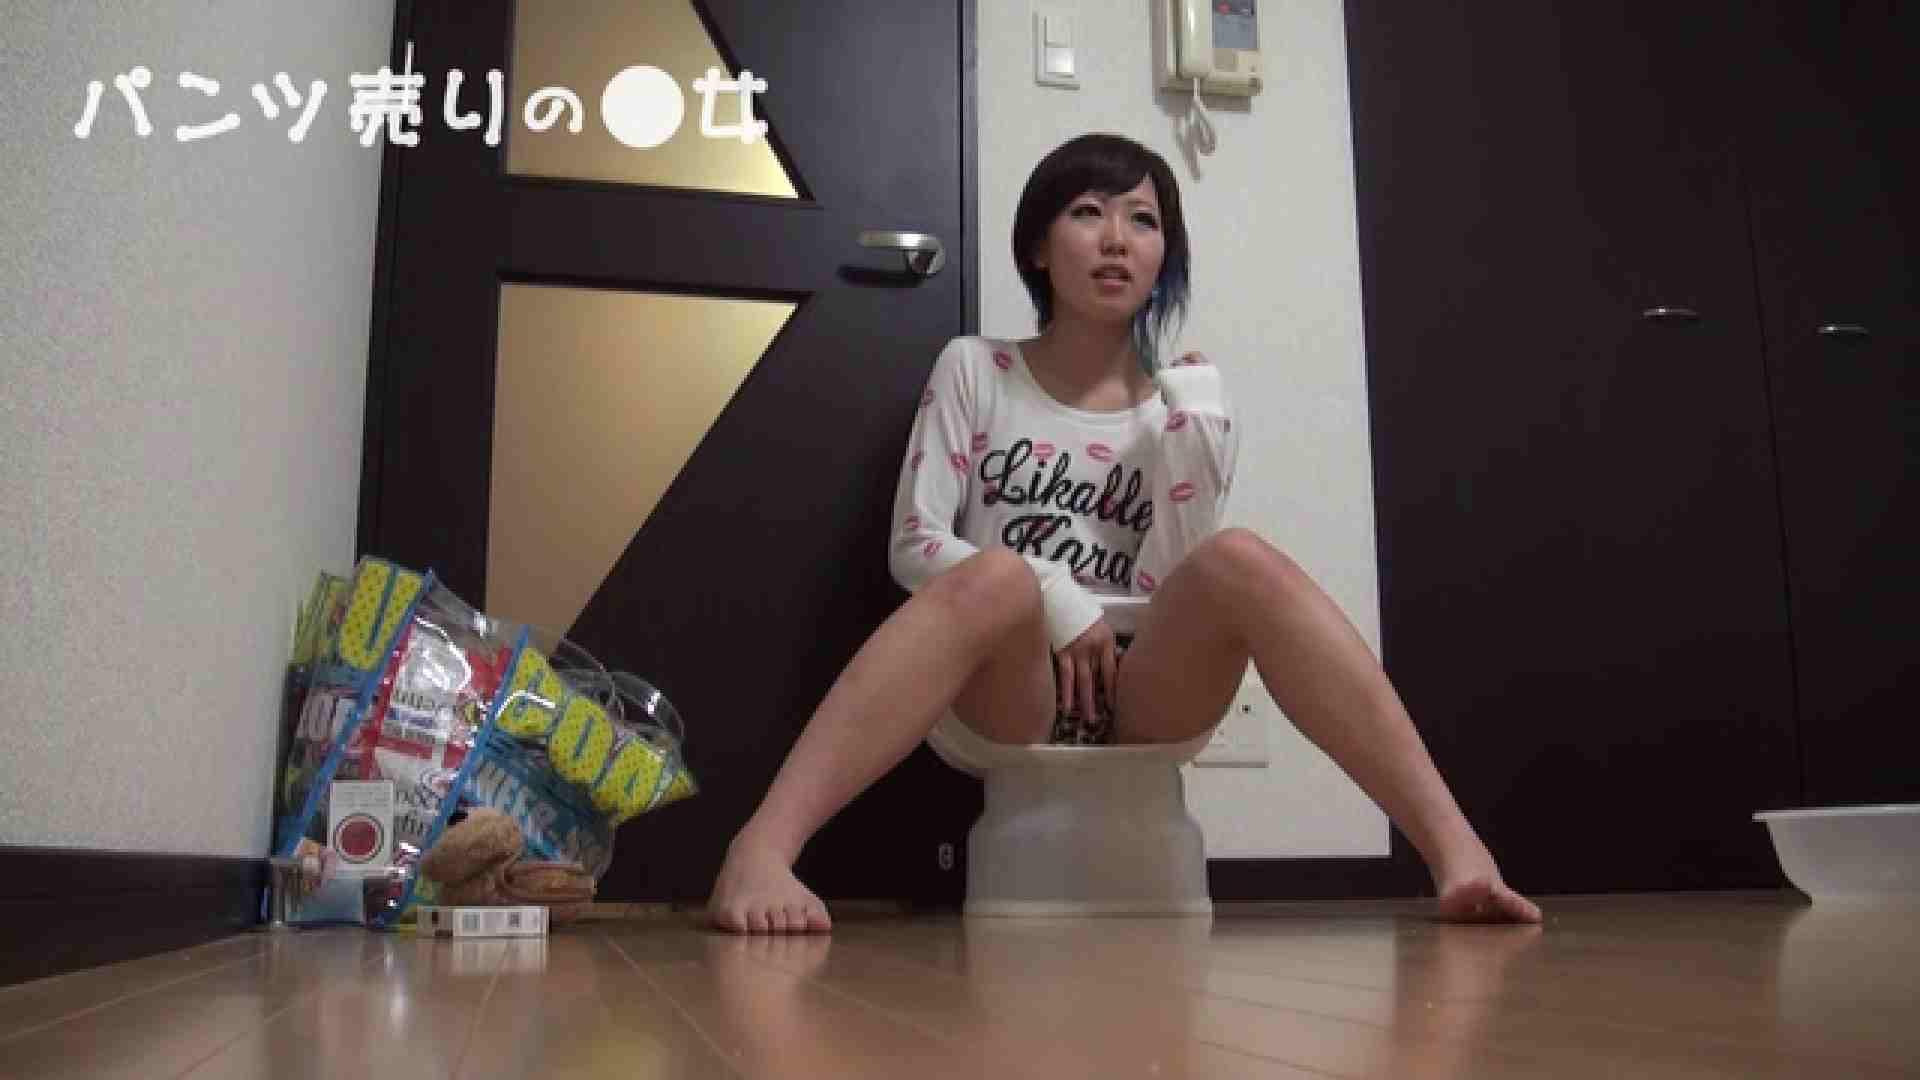 新説 パンツ売りの女の子nana 一般投稿  108枚 50